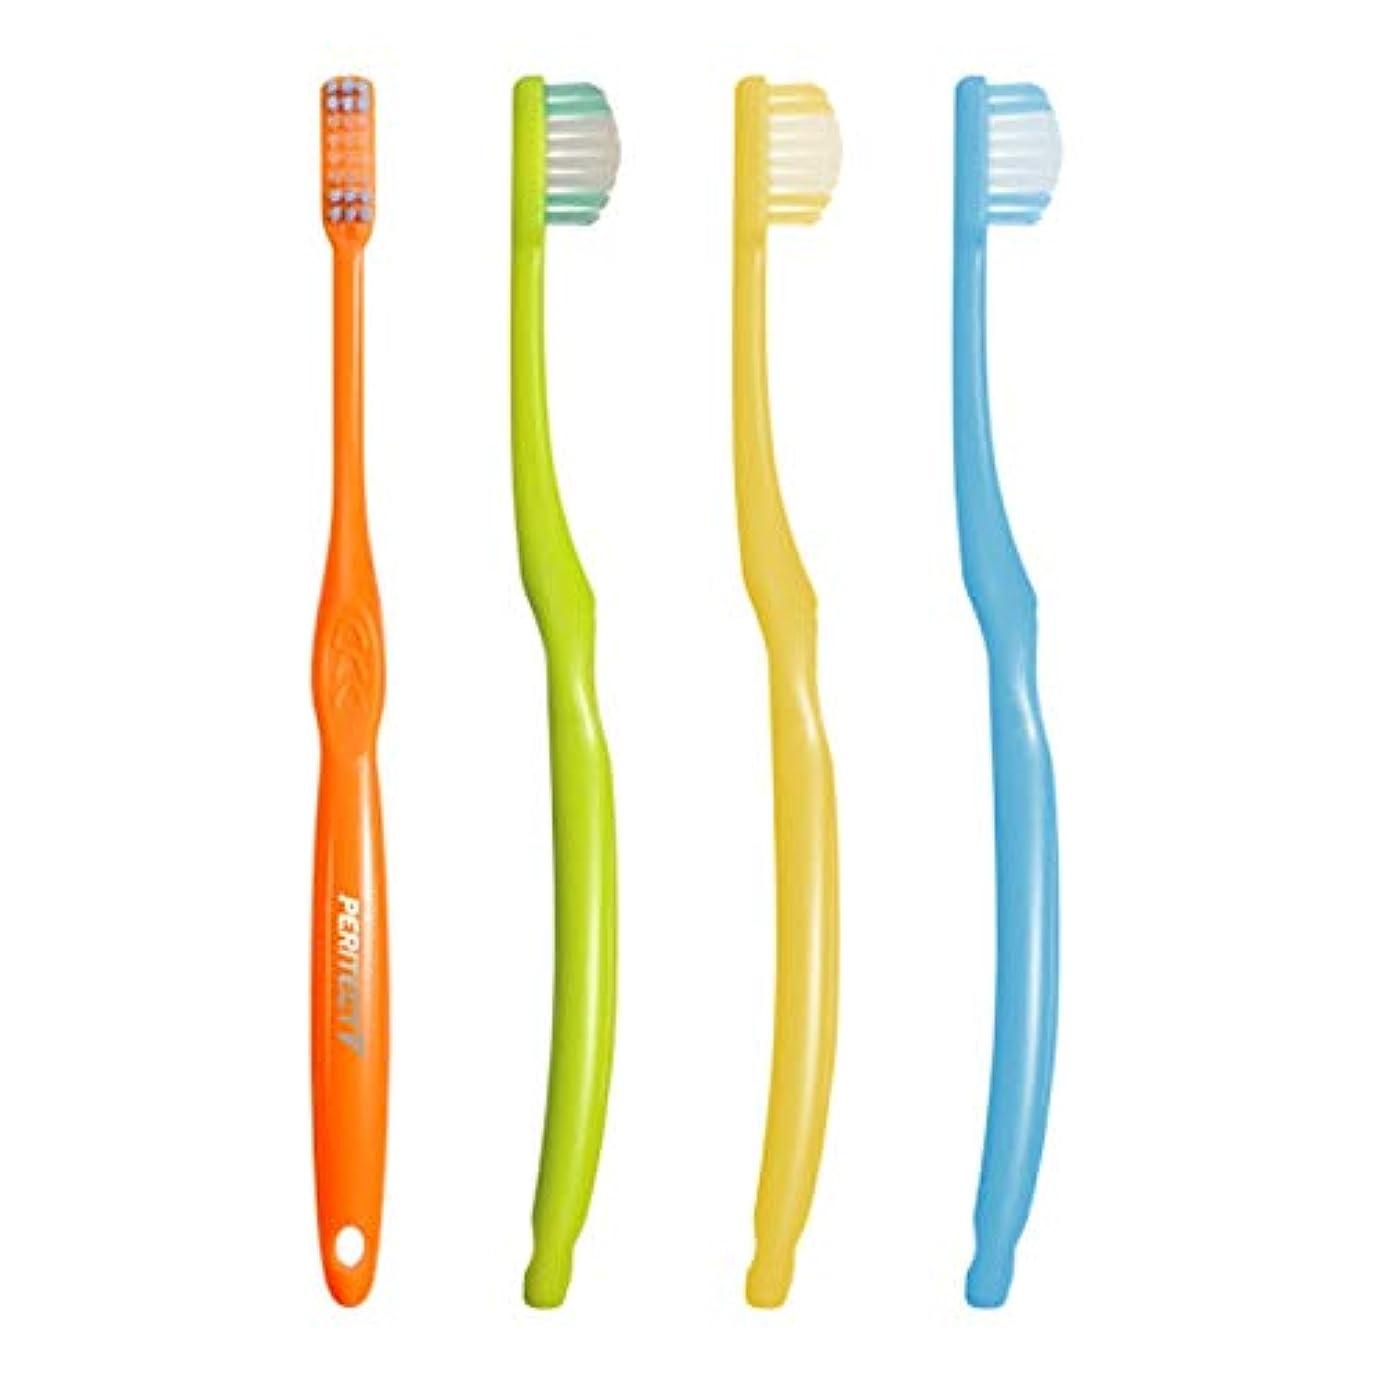 概して贅沢課税ビーブランド PERITECT V ペリテクト ブイ 歯ブラシ (6M やわらかめ) × 5本 歯科専売品